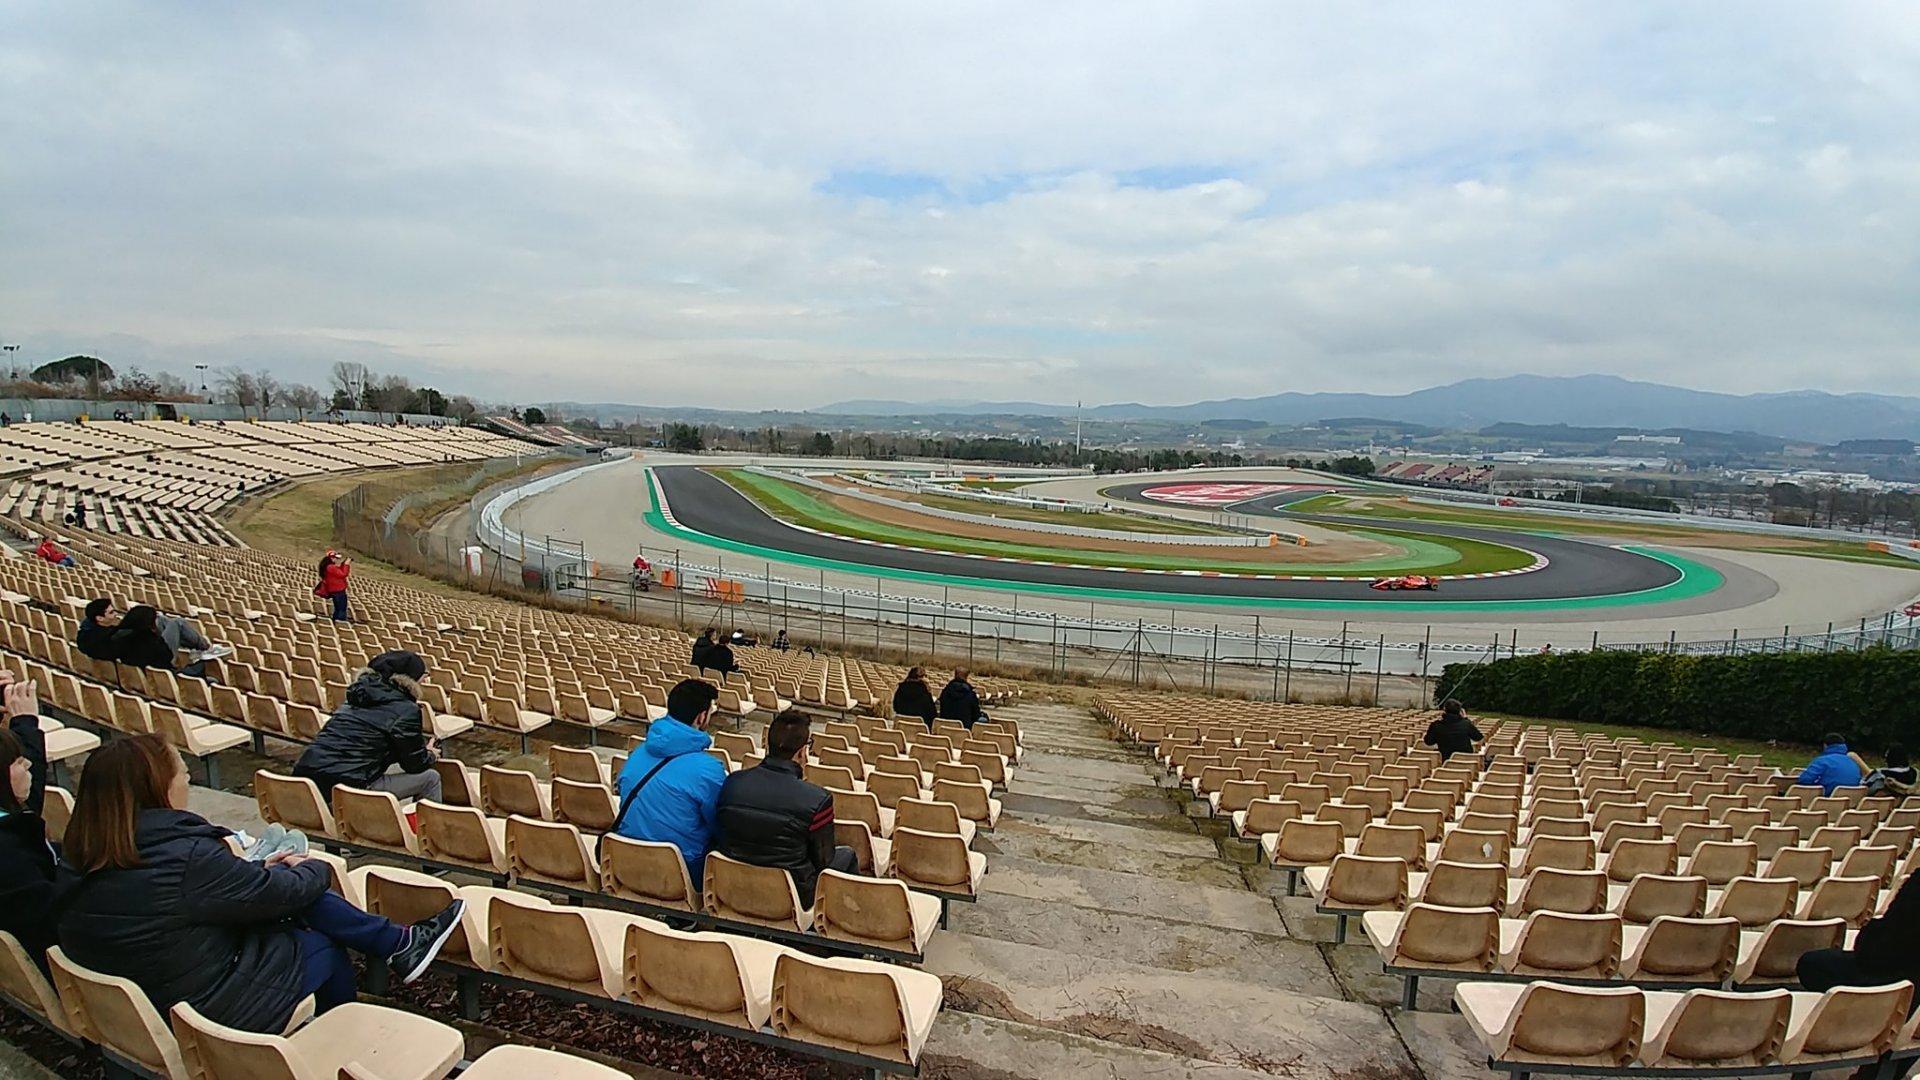 Circuit de Catalunja.jpg